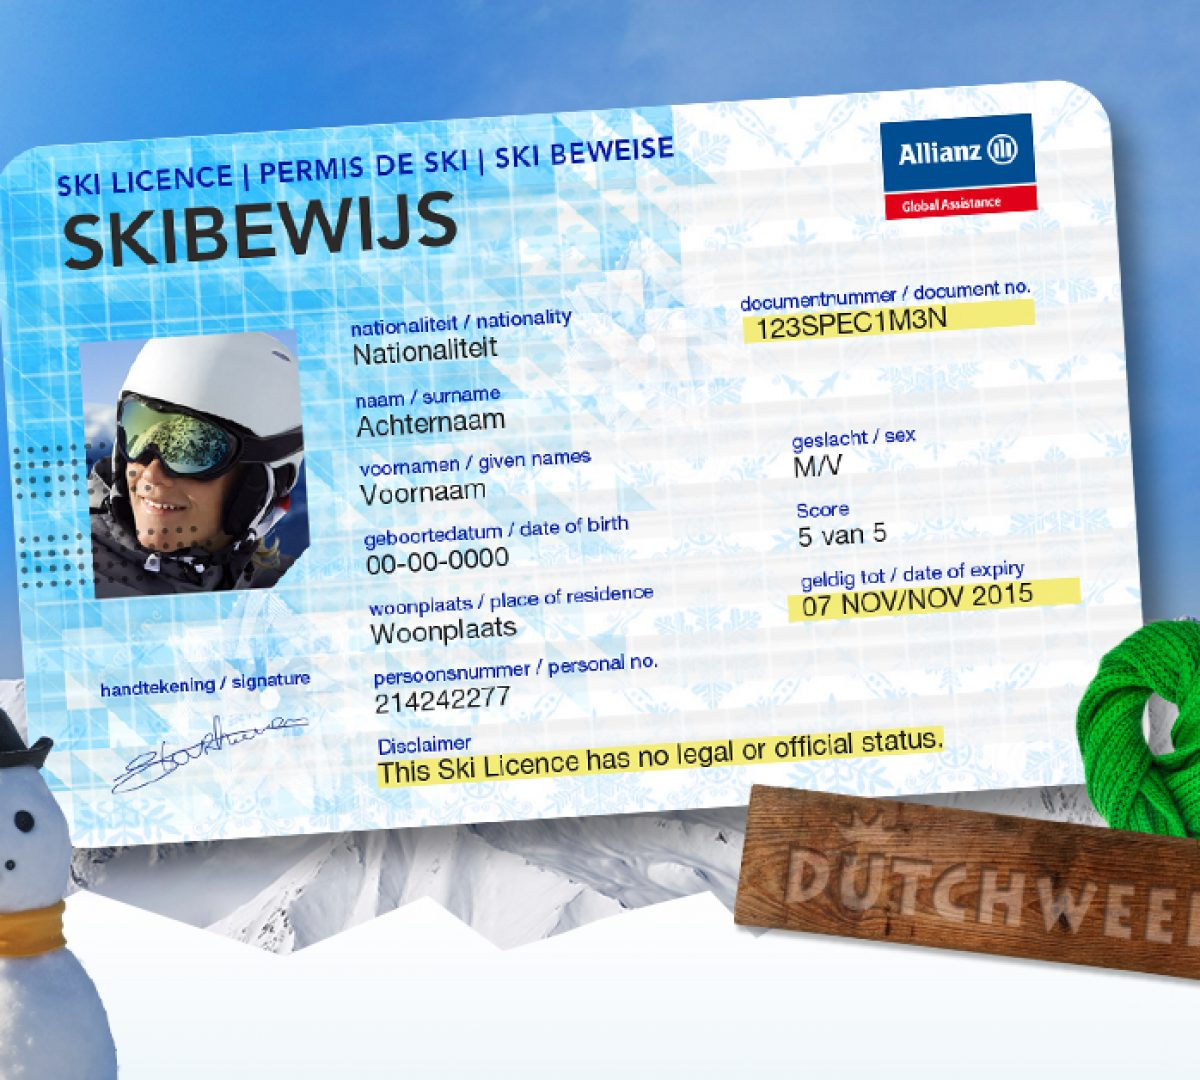 Skibewijs1